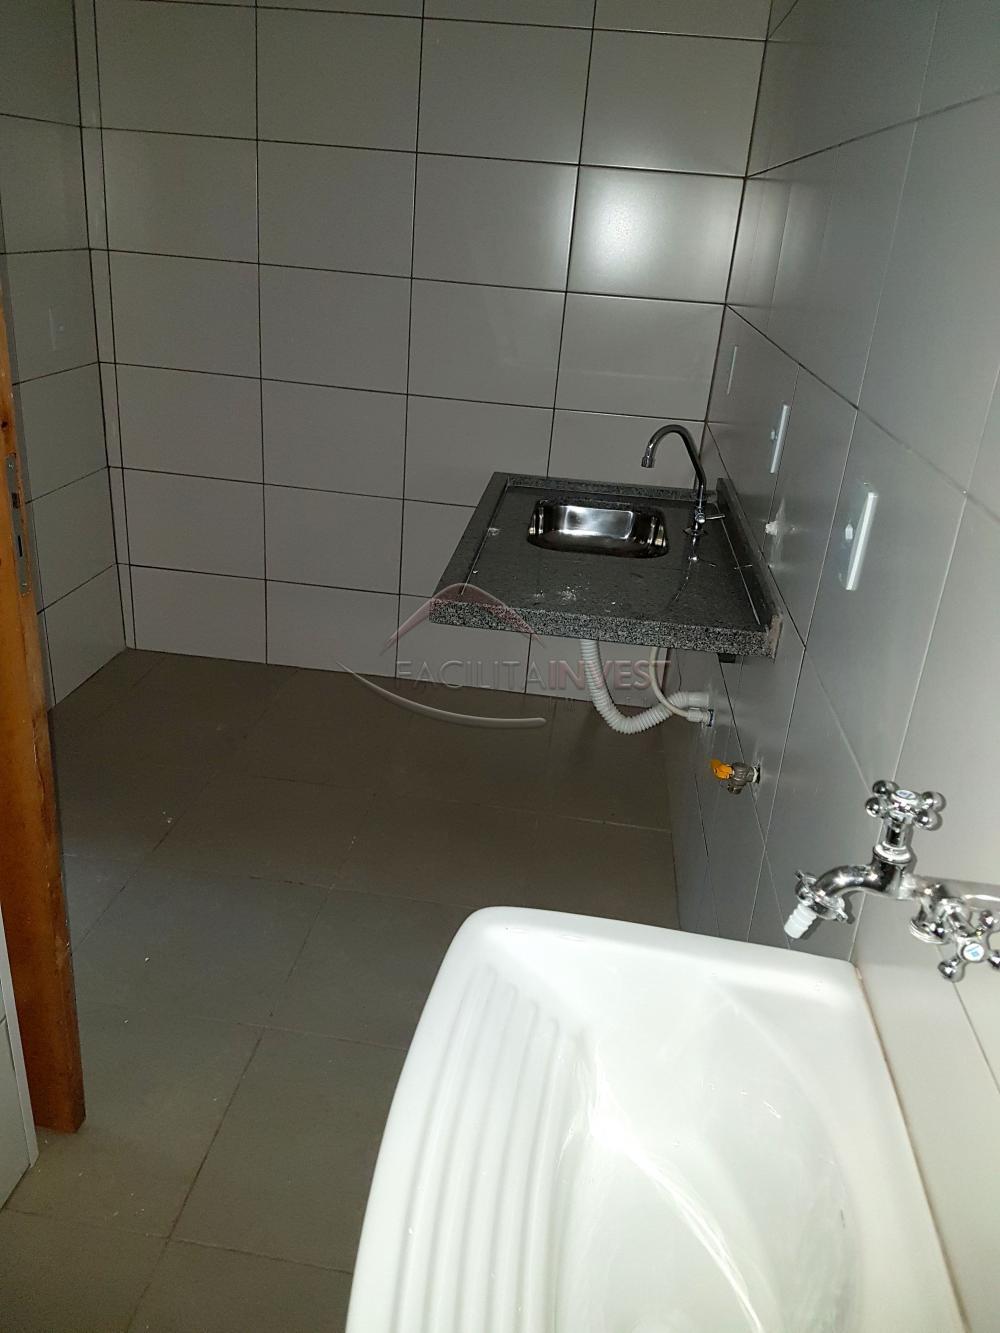 Alugar Apartamentos / Apart. Padrão em Ribeirão Preto apenas R$ 600,00 - Foto 9